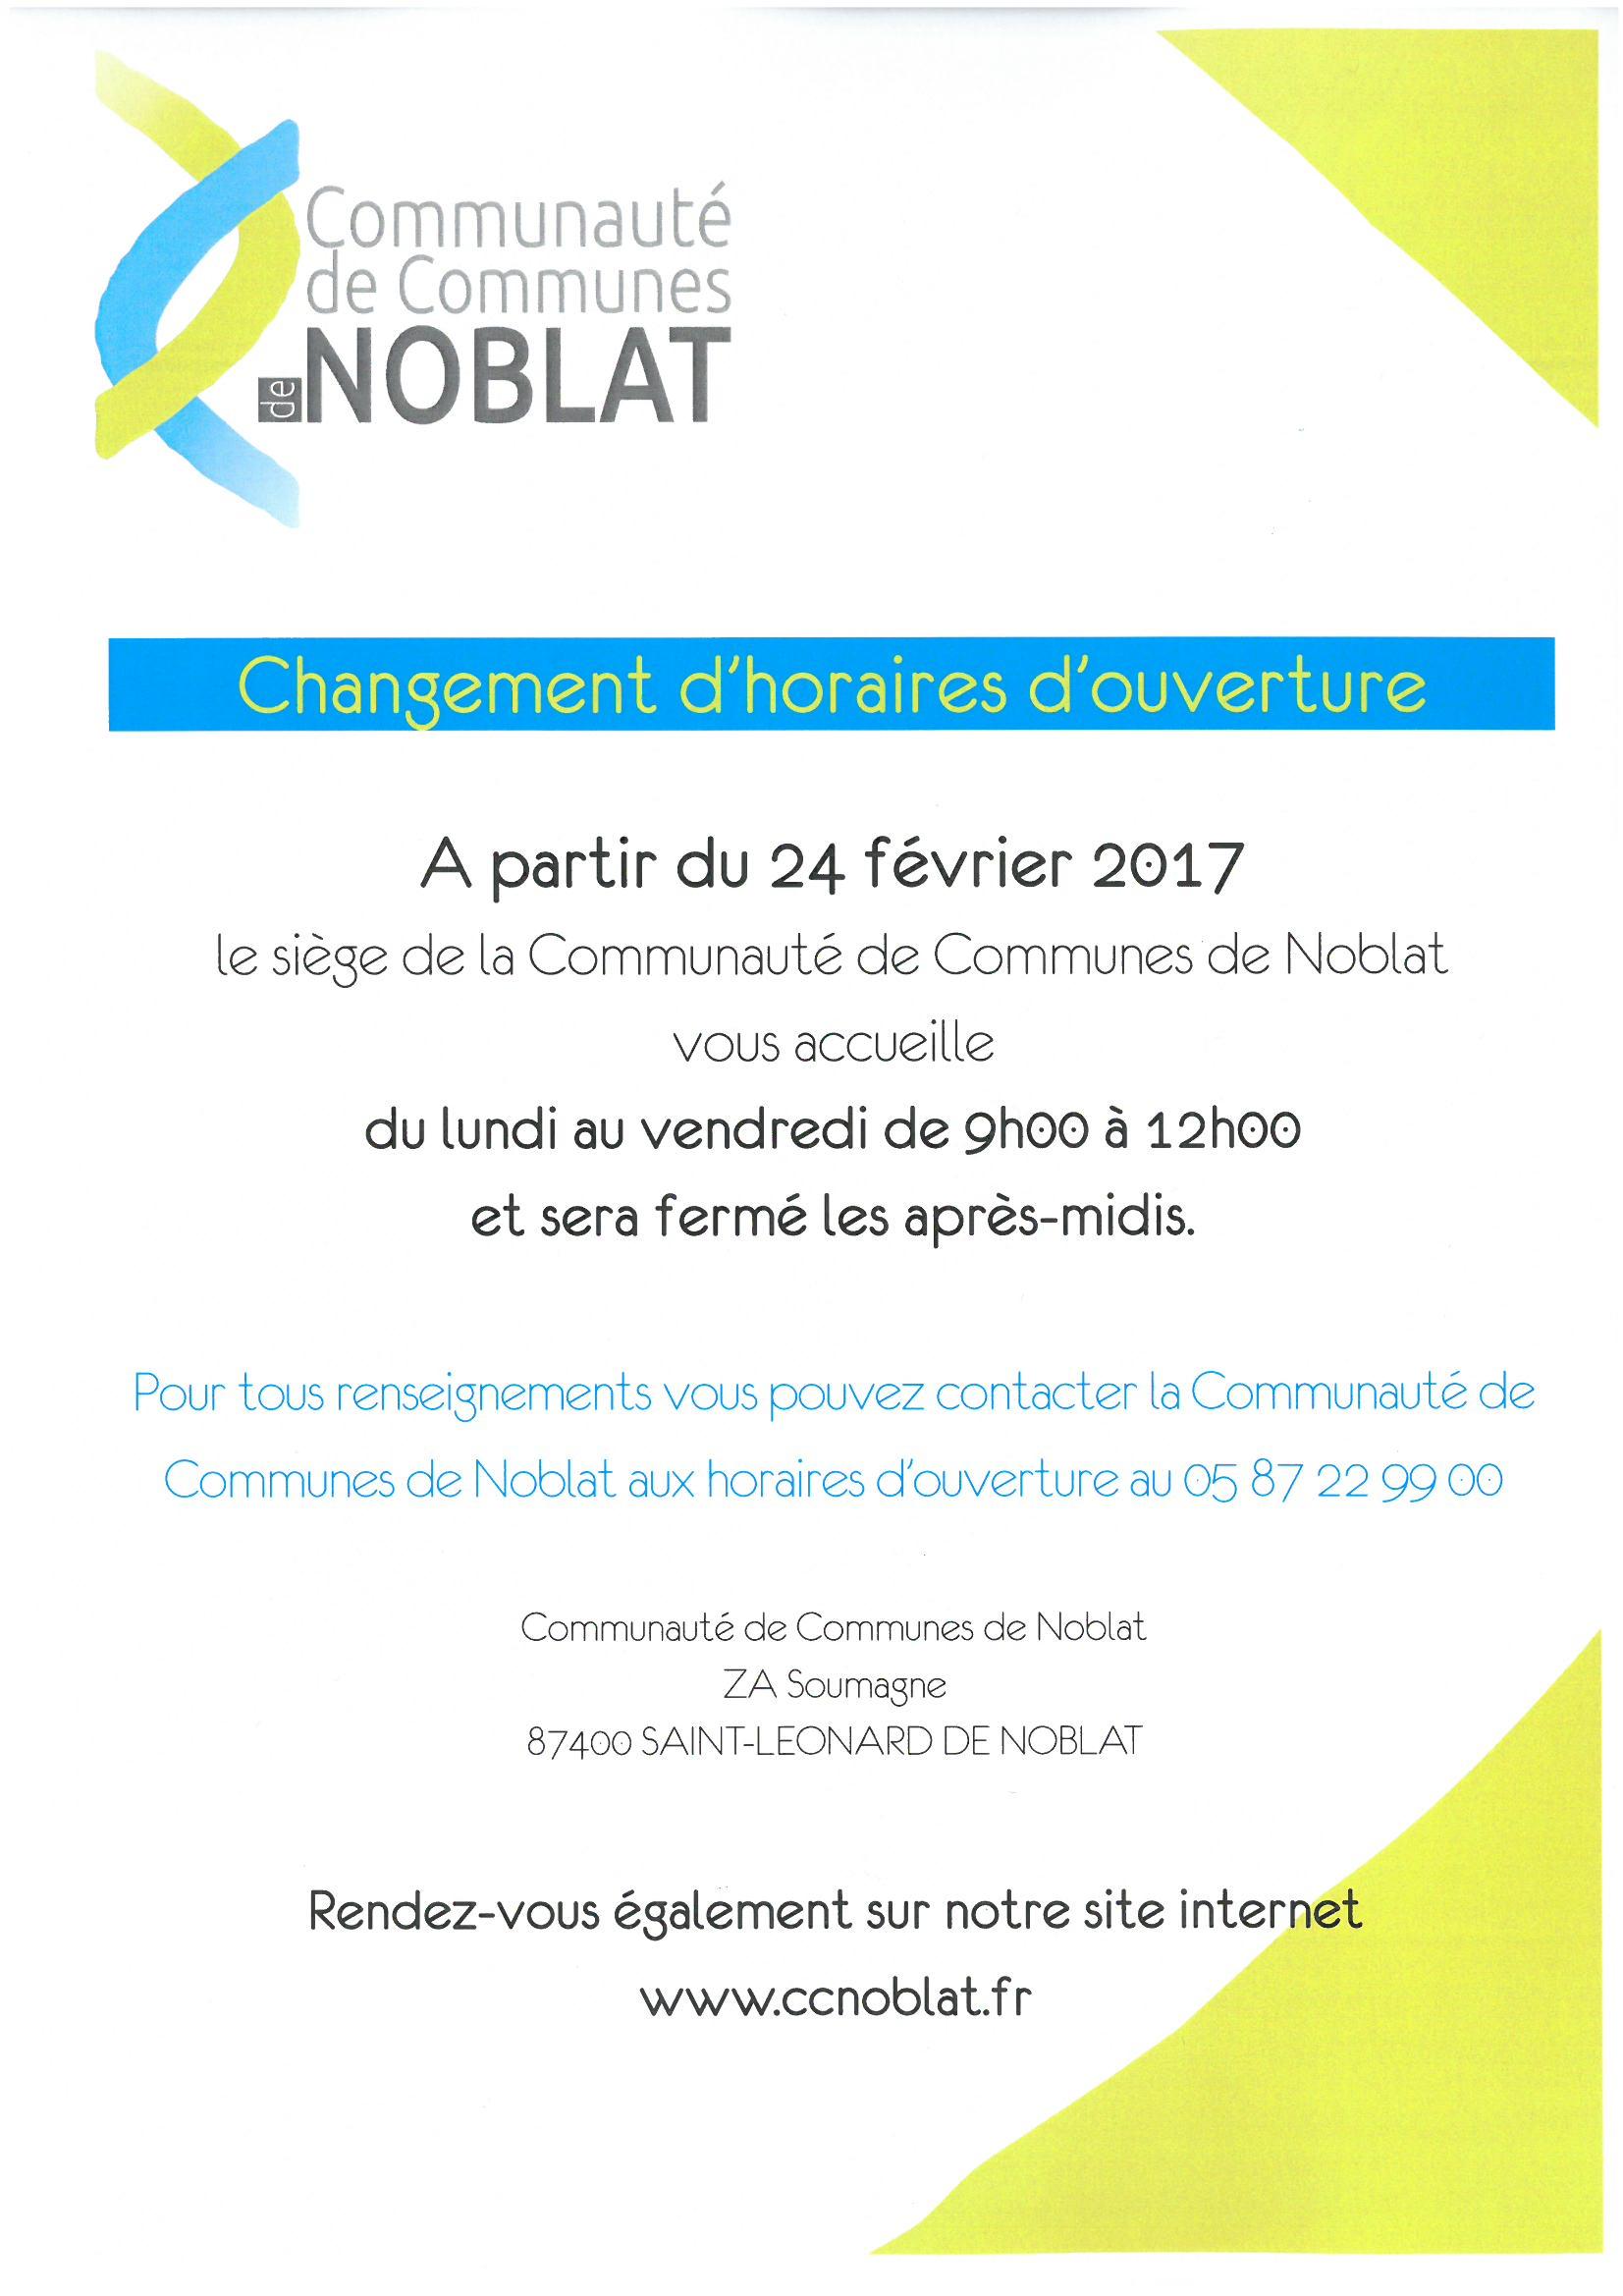 INFO COMMUNAUTE DE COMMUNES DE NOBLAT